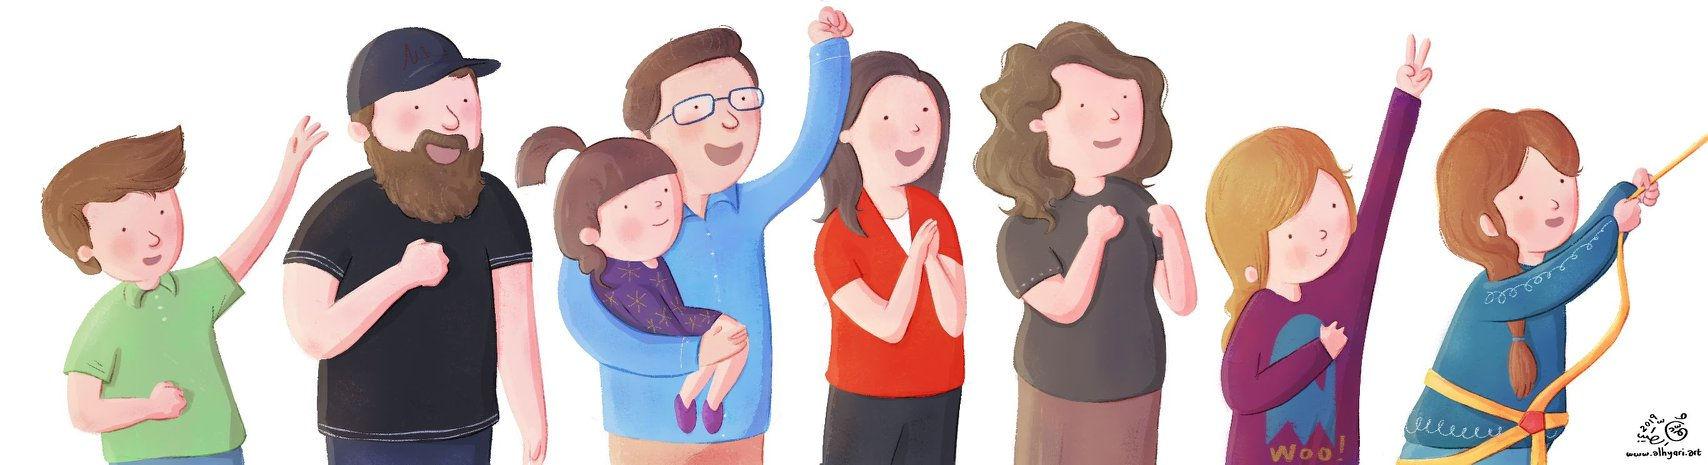 إحتفاء بالبطلة الصّغيرة! | رسم توضيحيّ لكتاب أطفال